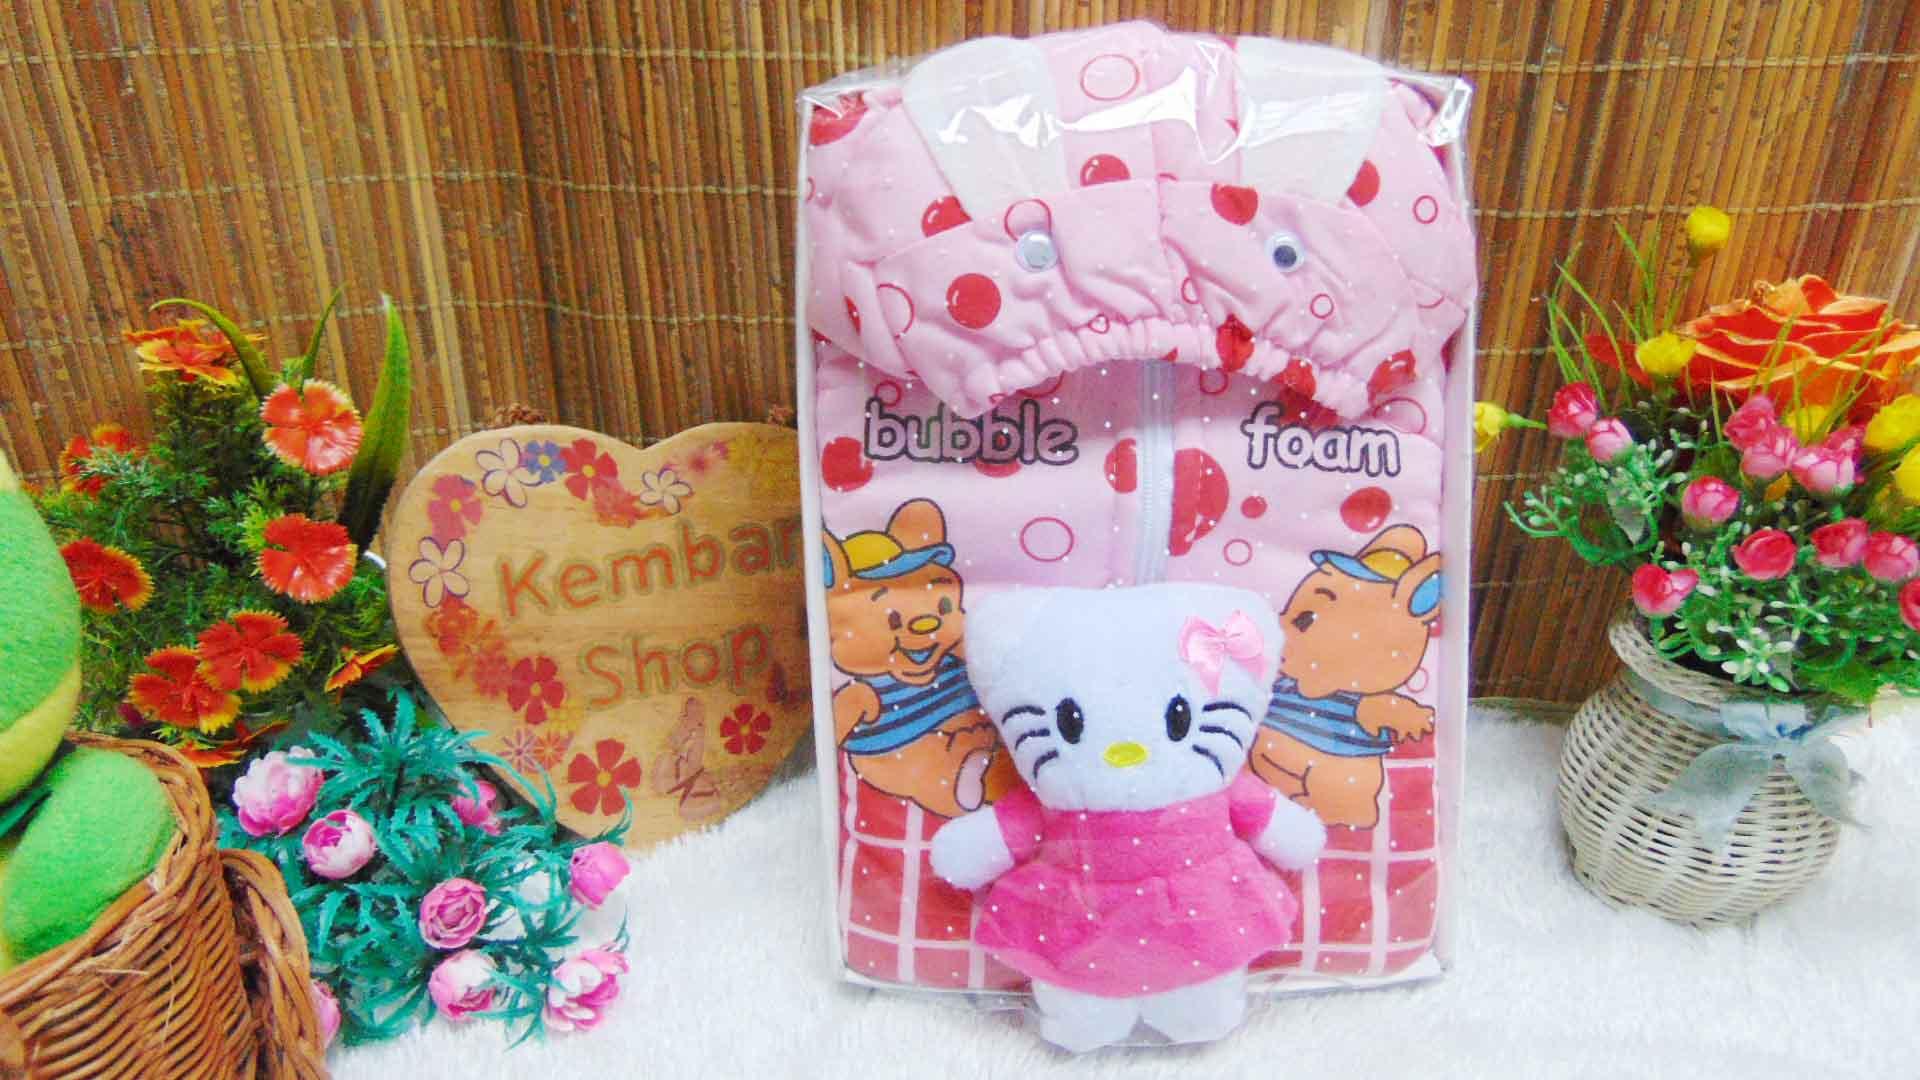 FREE KARTU UCAPAN paket kado lahiran bayi baby gift set (2)